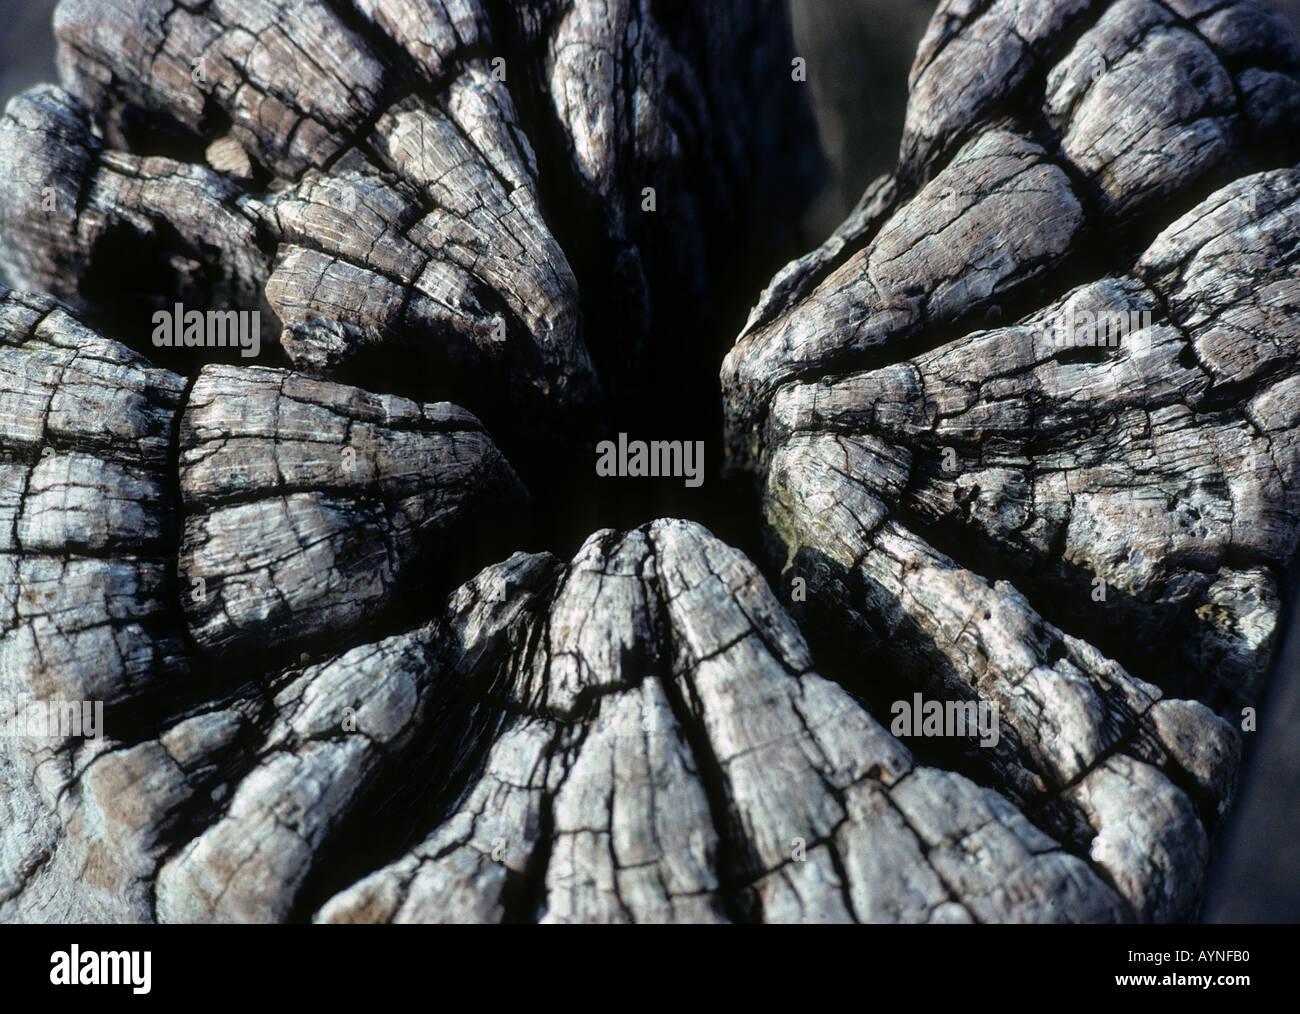 Nahaufnahme von verwittertem Holz gebleicht stumpf Unterstützung von einem verlassenen pier Stockbild